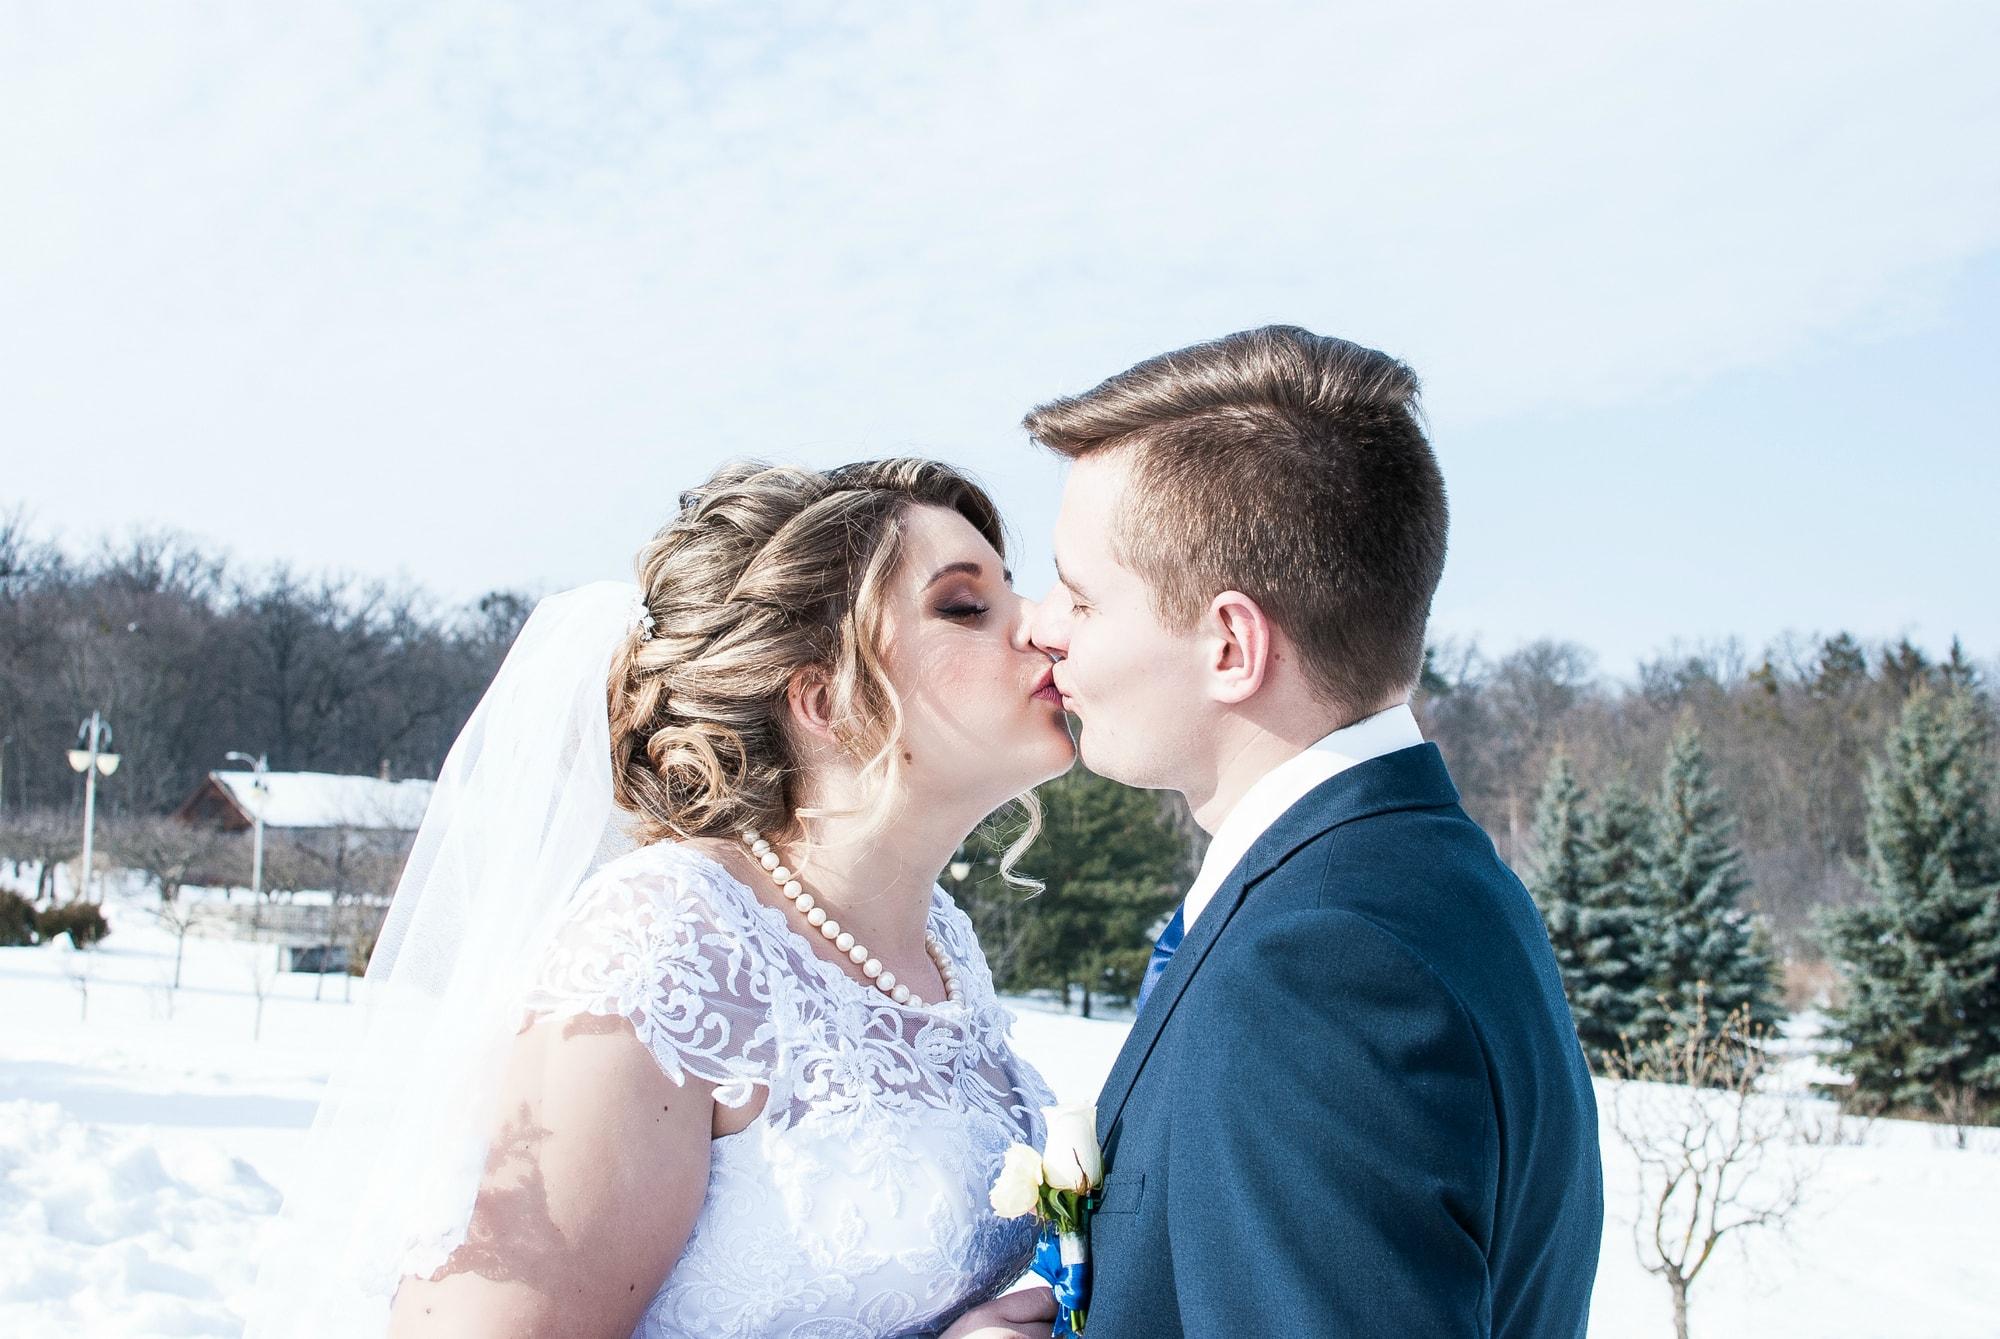 Фото нежного поцелую молодых людей - Фотограф Женя Лайт